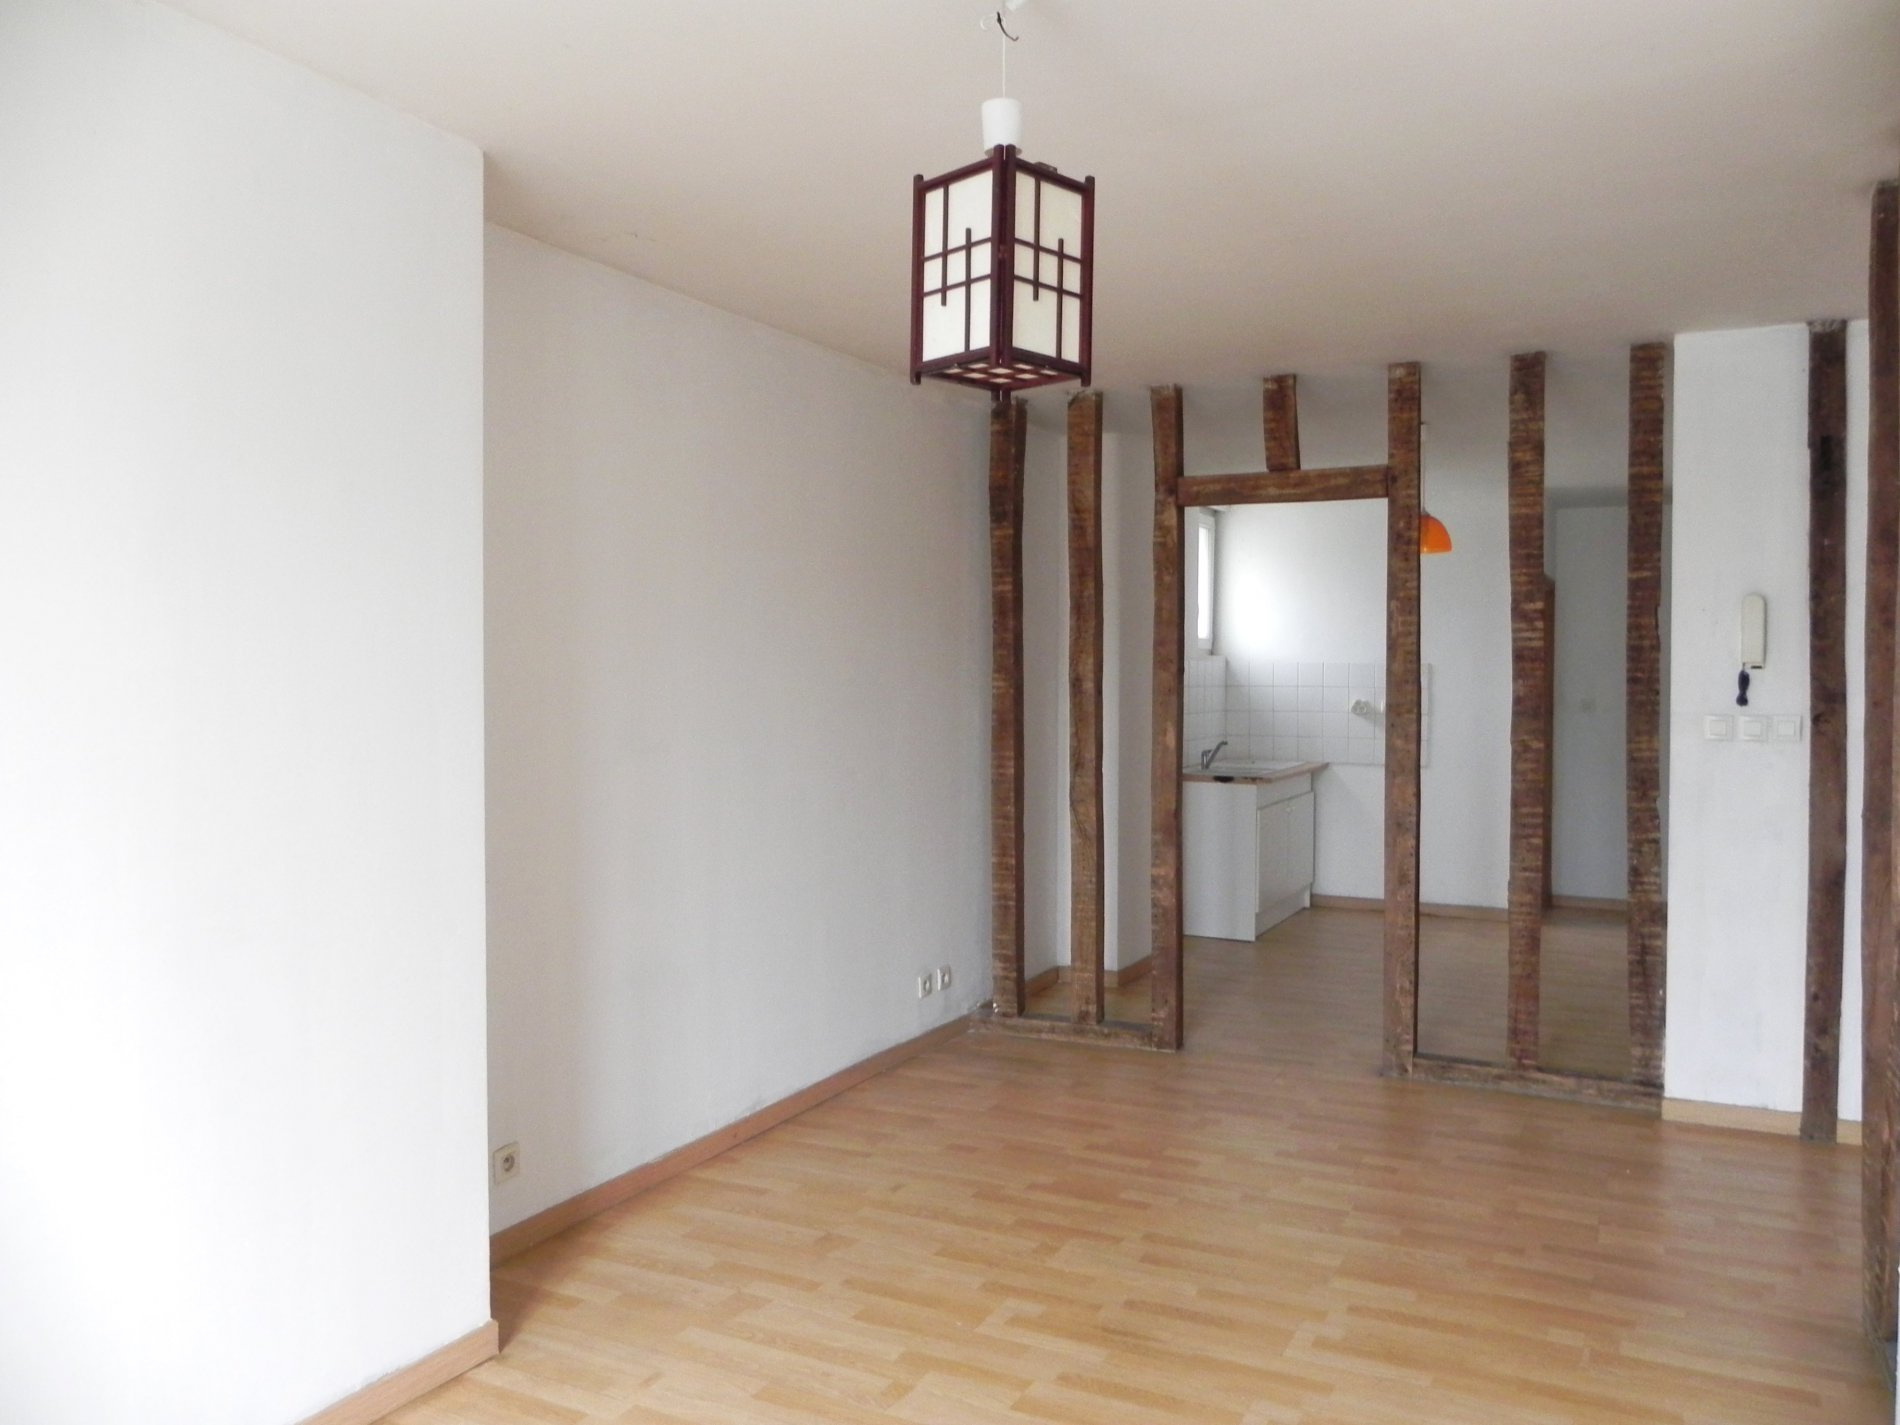 Location Appartement Limoges 87000 Sur Le Partenaire